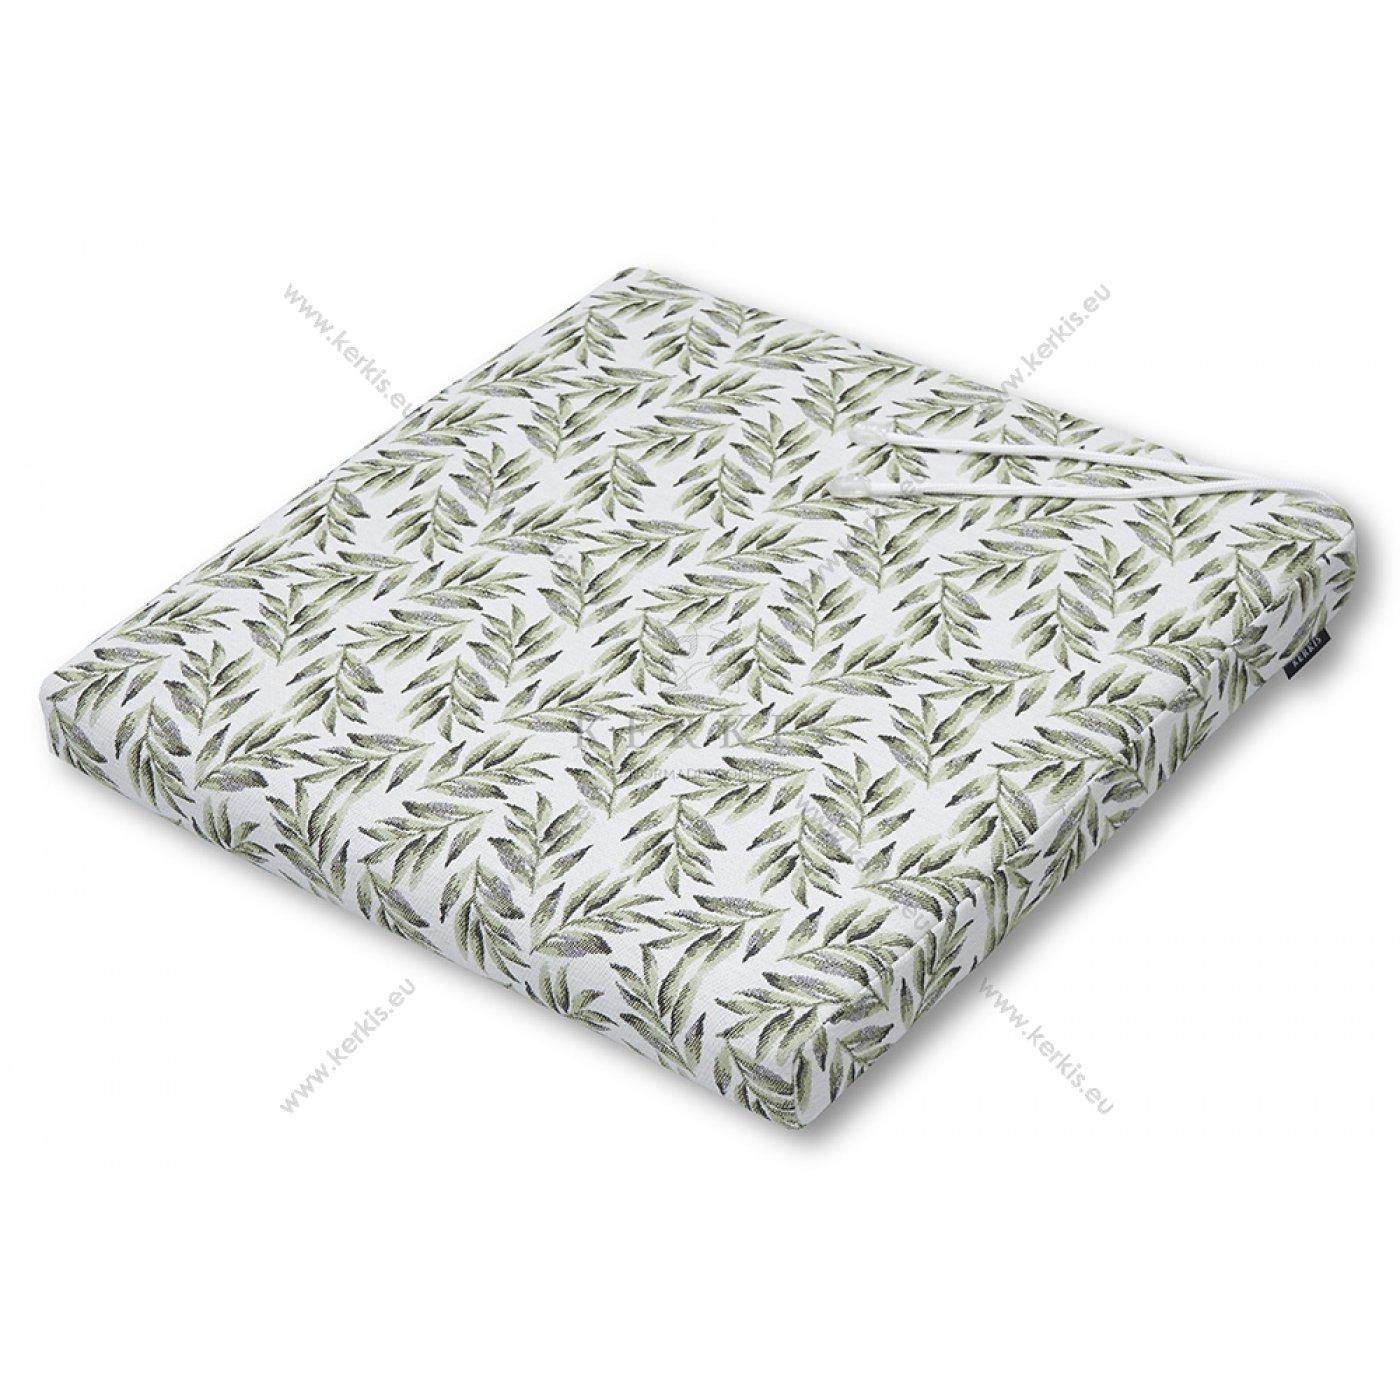 Μαξιλάρι καρέκλας με φύλλα ελιάς